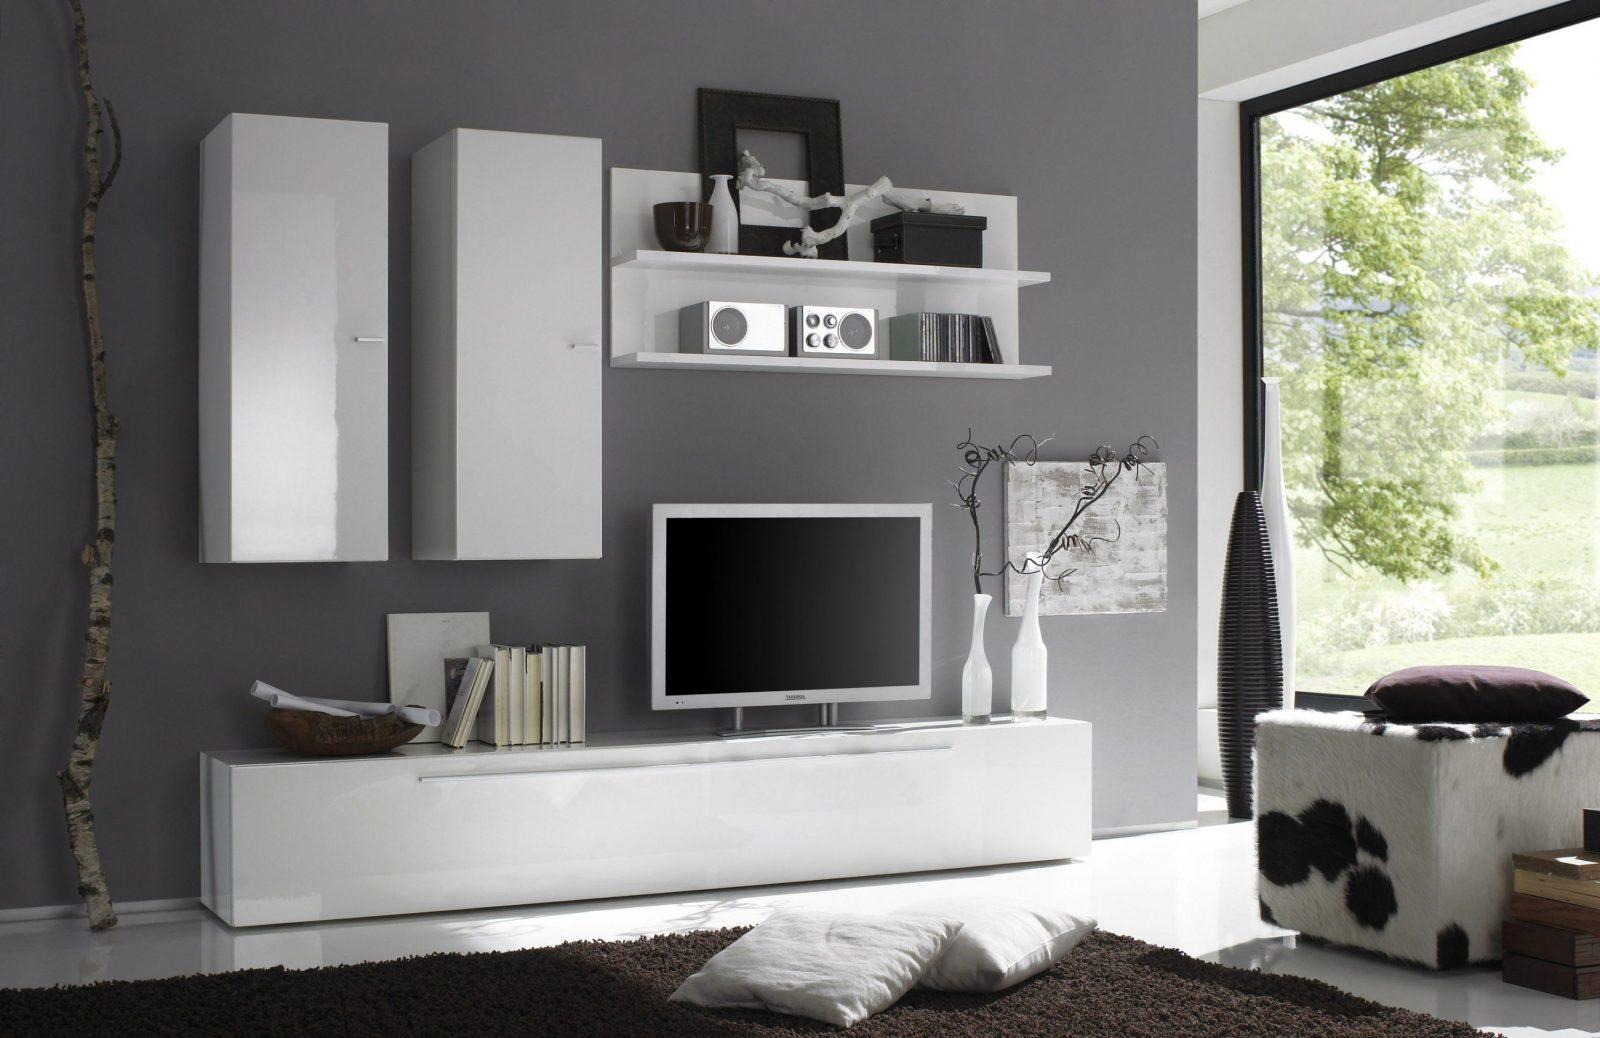 Wohnwand Hochglanz Weiß Weis Wohnzimmer Ausergewohnlich Schrankwand von Wohnwand Weiß Hochglanz Hängend Photo